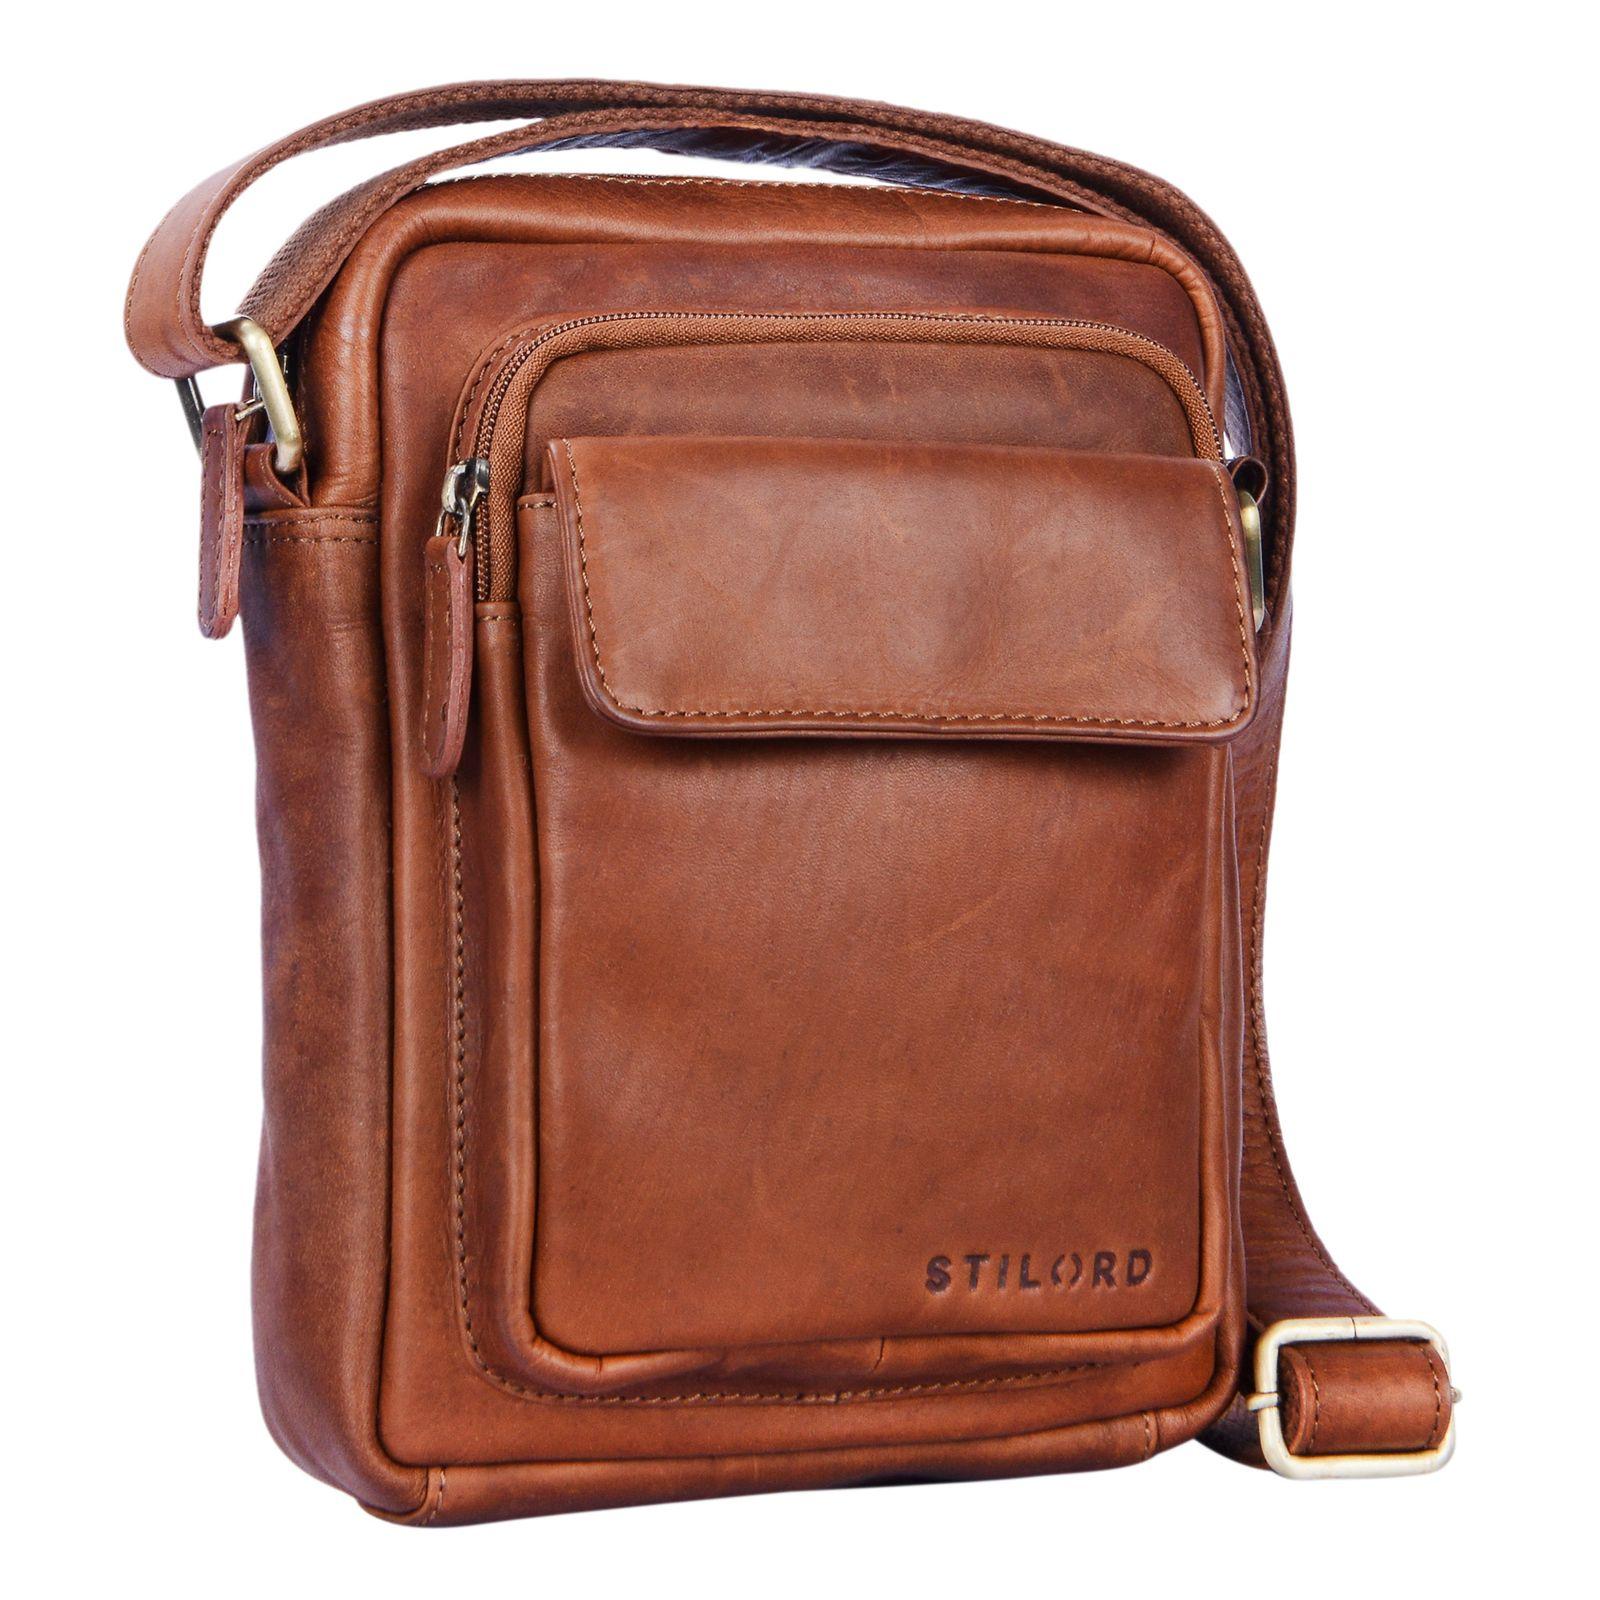 """STILORD """"Jannis"""" Leder Umhängetasche Männer klein Vintage Messenger Bag Herren-Tasche Tablettasche für 9.7 Zoll iPad Schultertasche aus echtem Leder - Bild 2"""